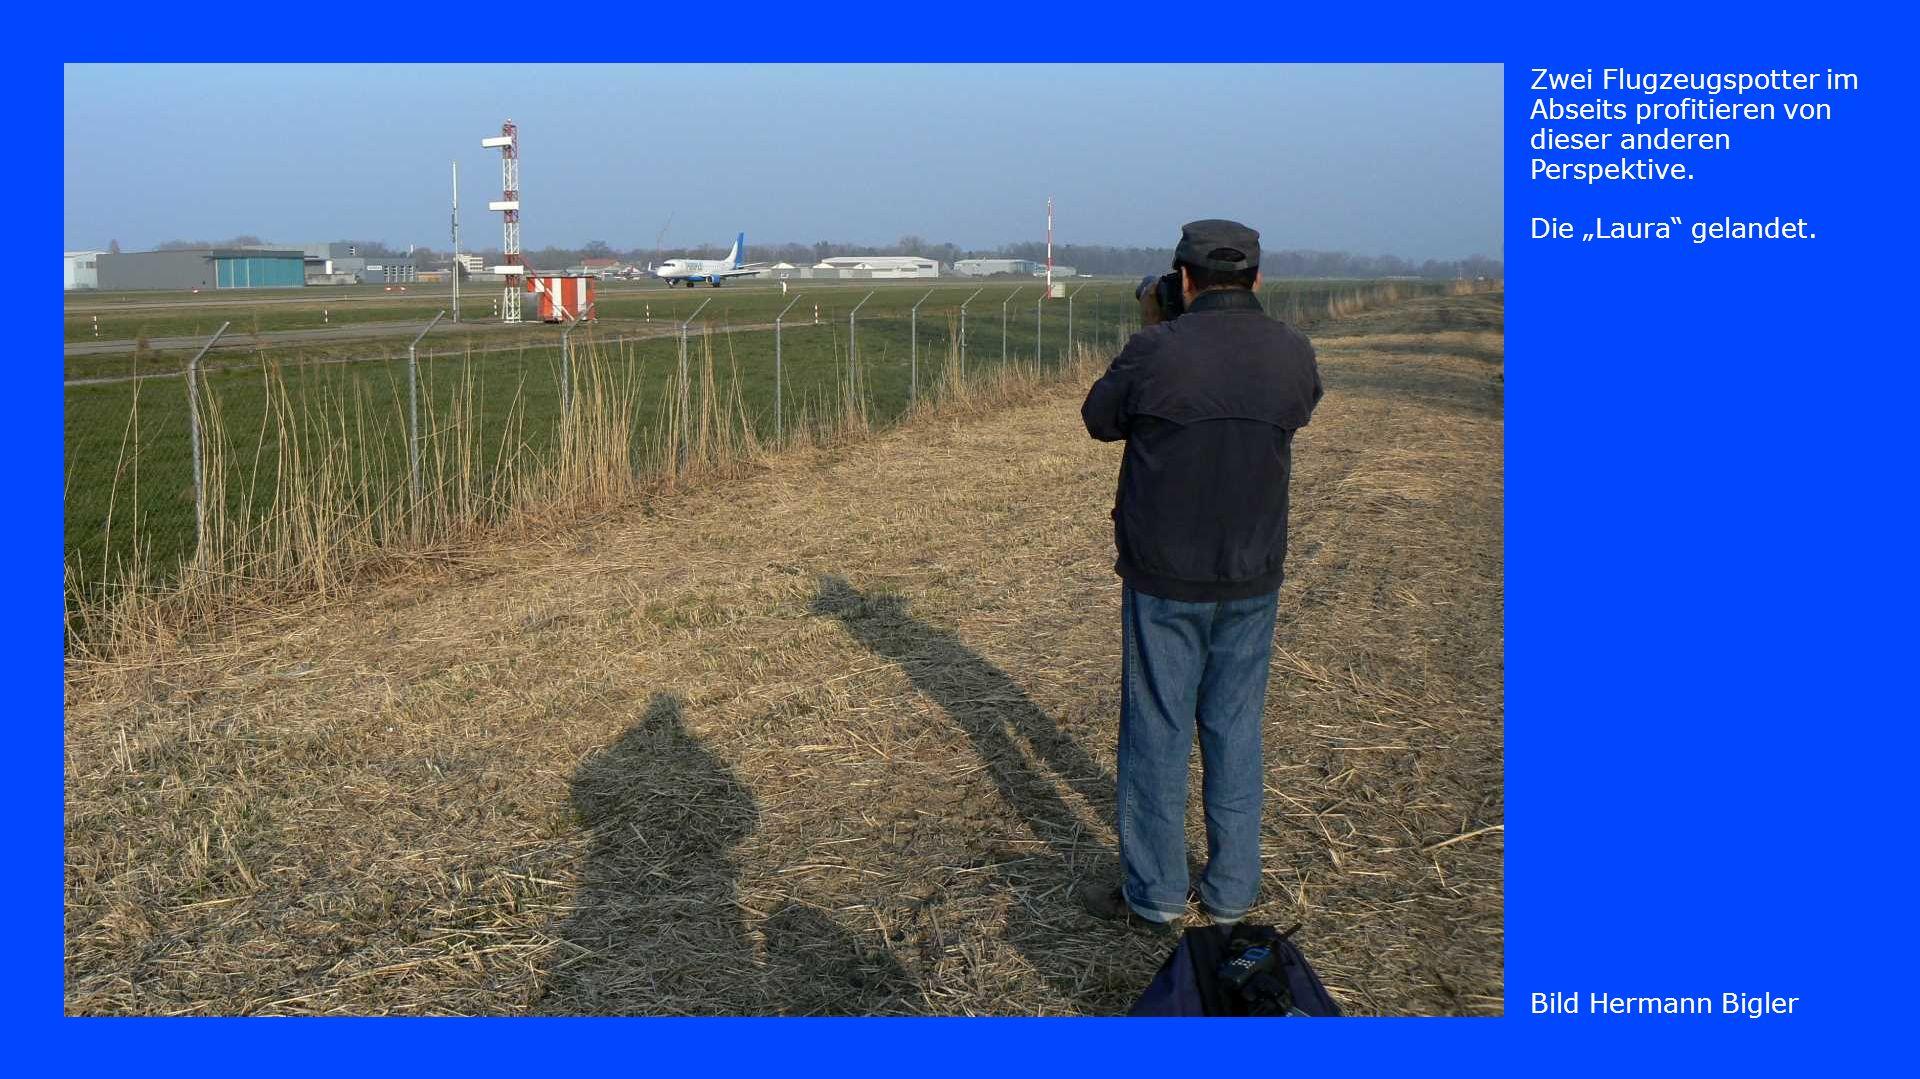 Bild Hermann Bigler Zwei Flugzeugspotter im Abseits profitieren von dieser anderen Perspektive.